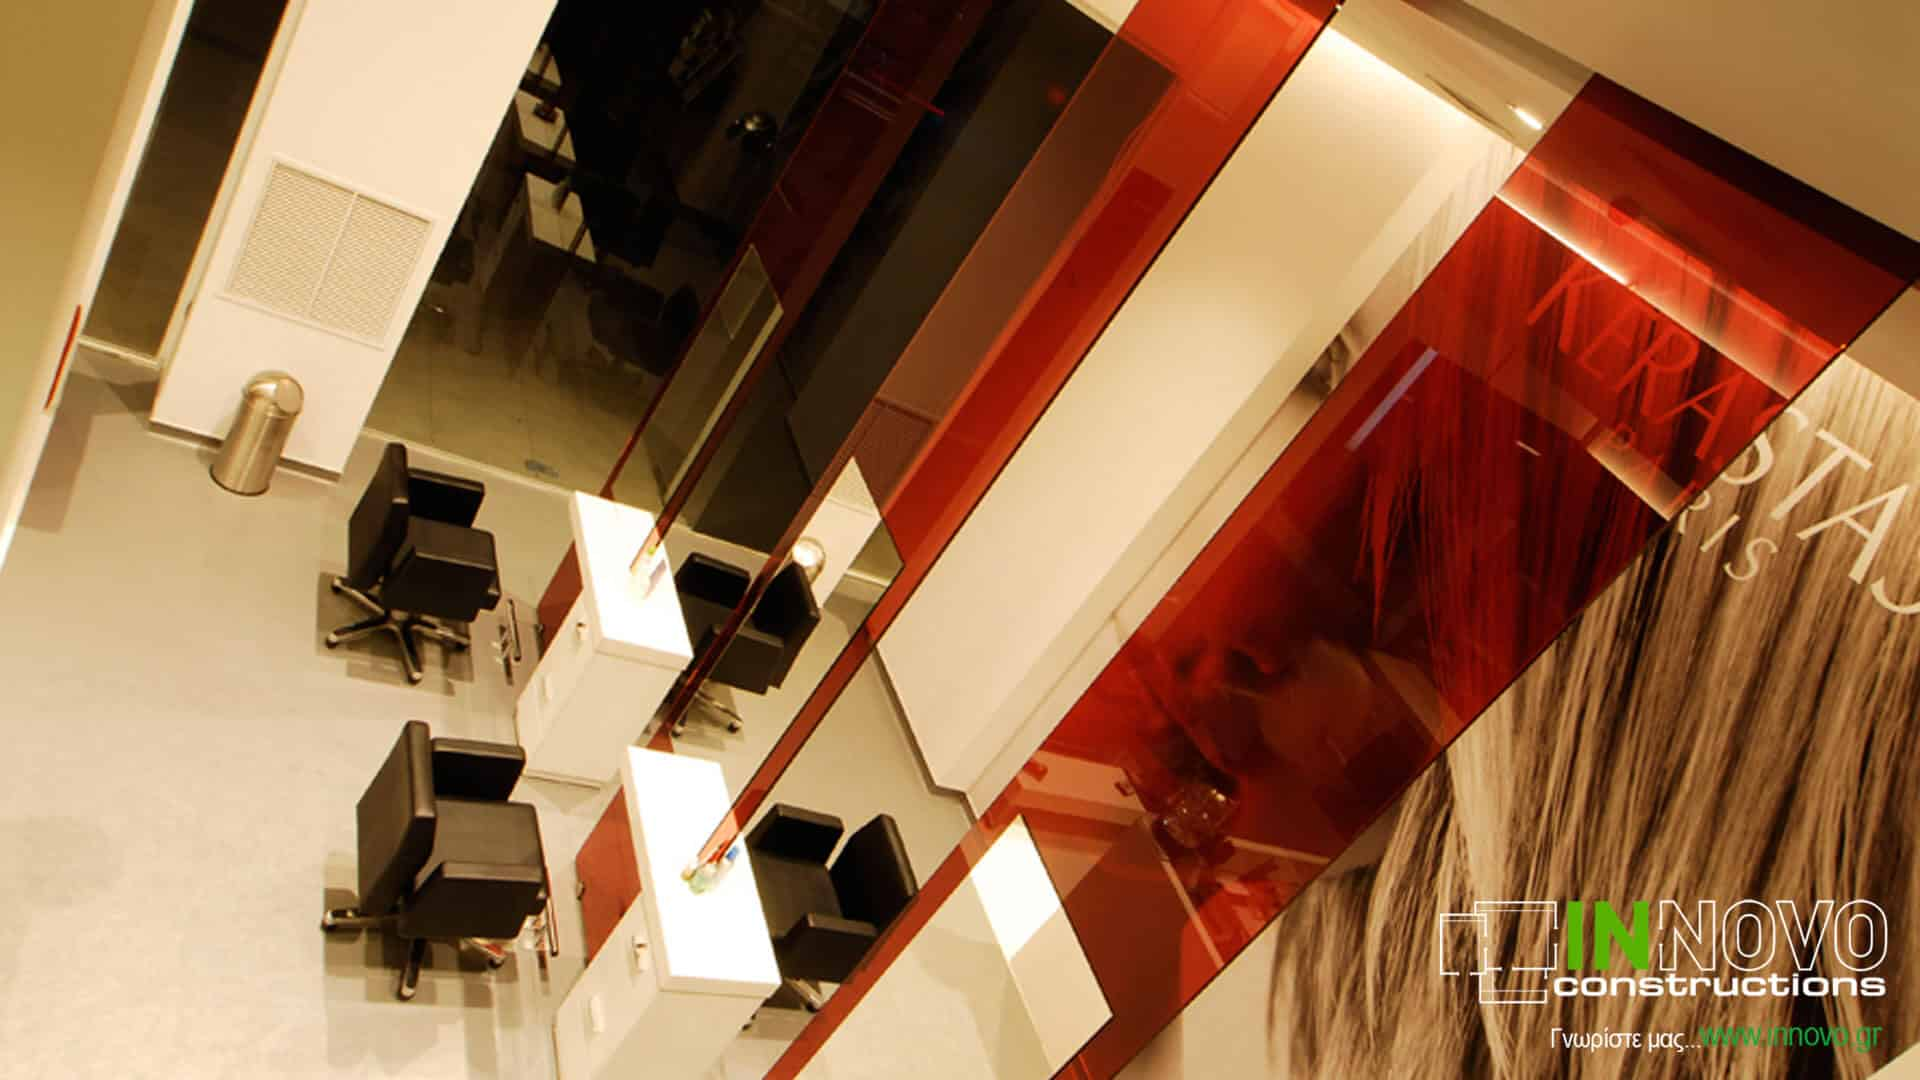 diakosmisi-kommotiriou-hairdressers-design-kommotirio-lazarou-869-5